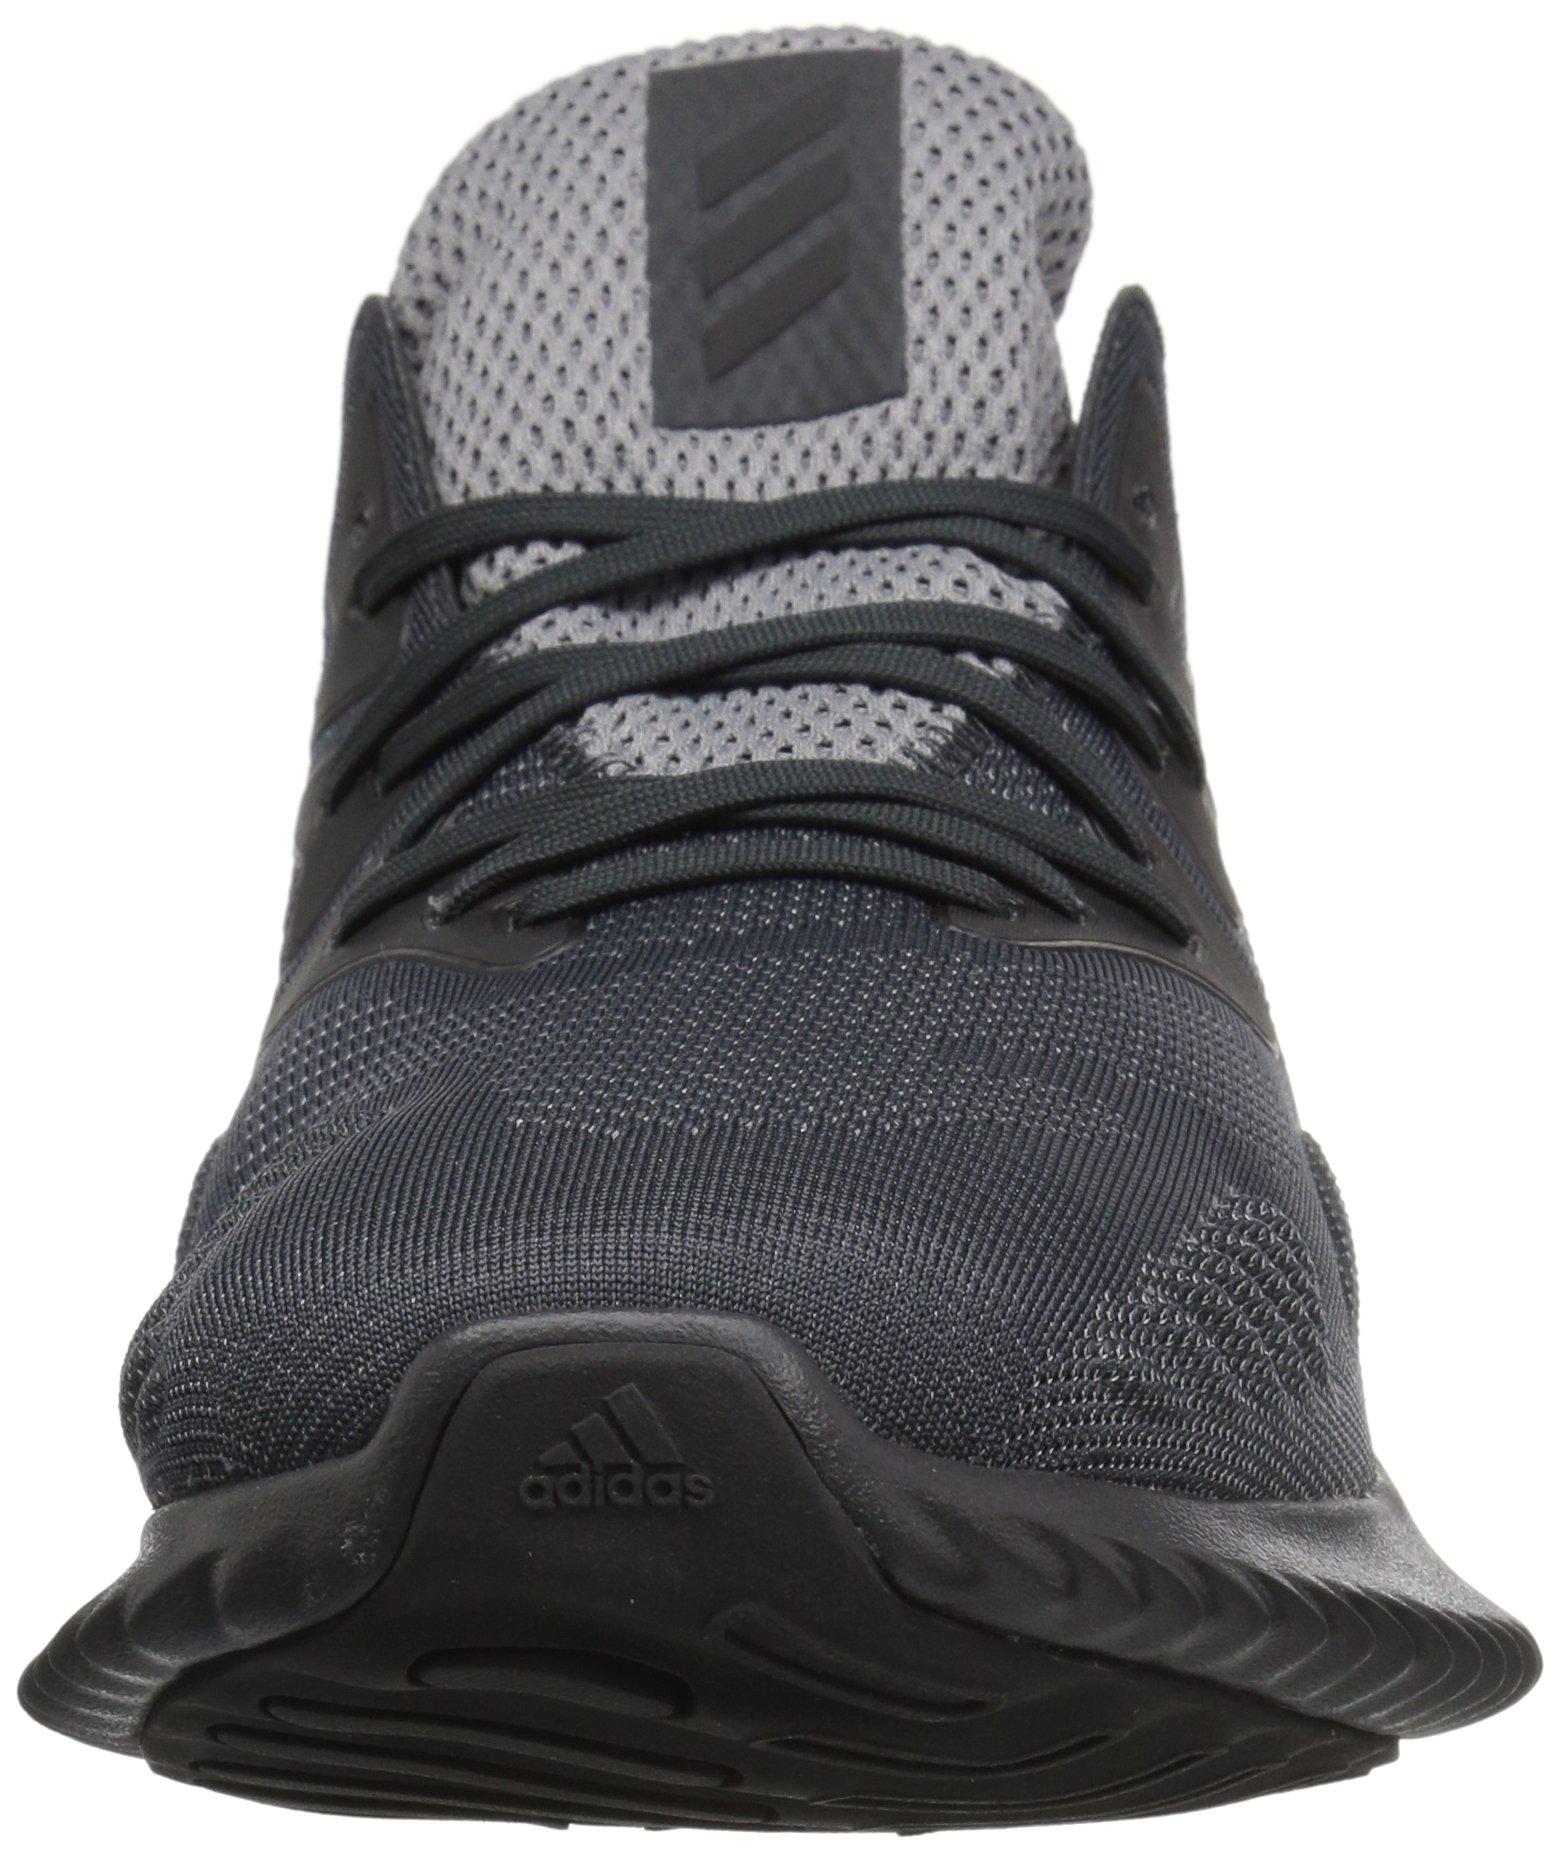 adidas Alphabounce 2 m, Grey Four/Carbon/Dark Solid Grey, 6.5 Medium US by adidas (Image #4)